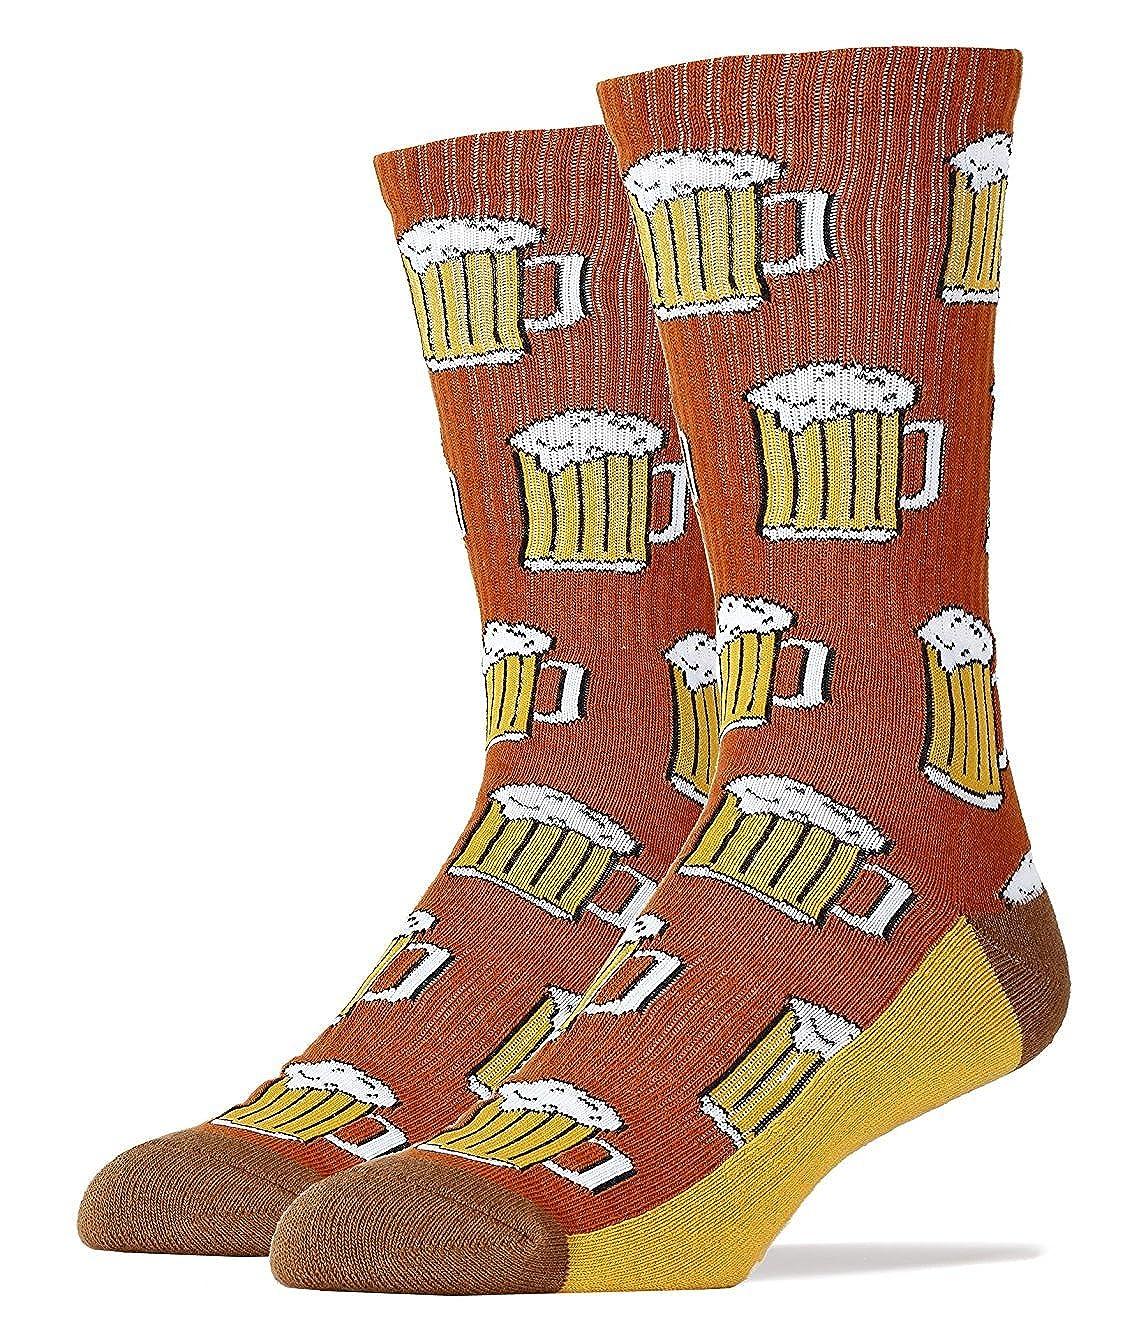 Beer Me! Men's Crew Socks Beer Me! Men' s Crew Socks JY Instyle